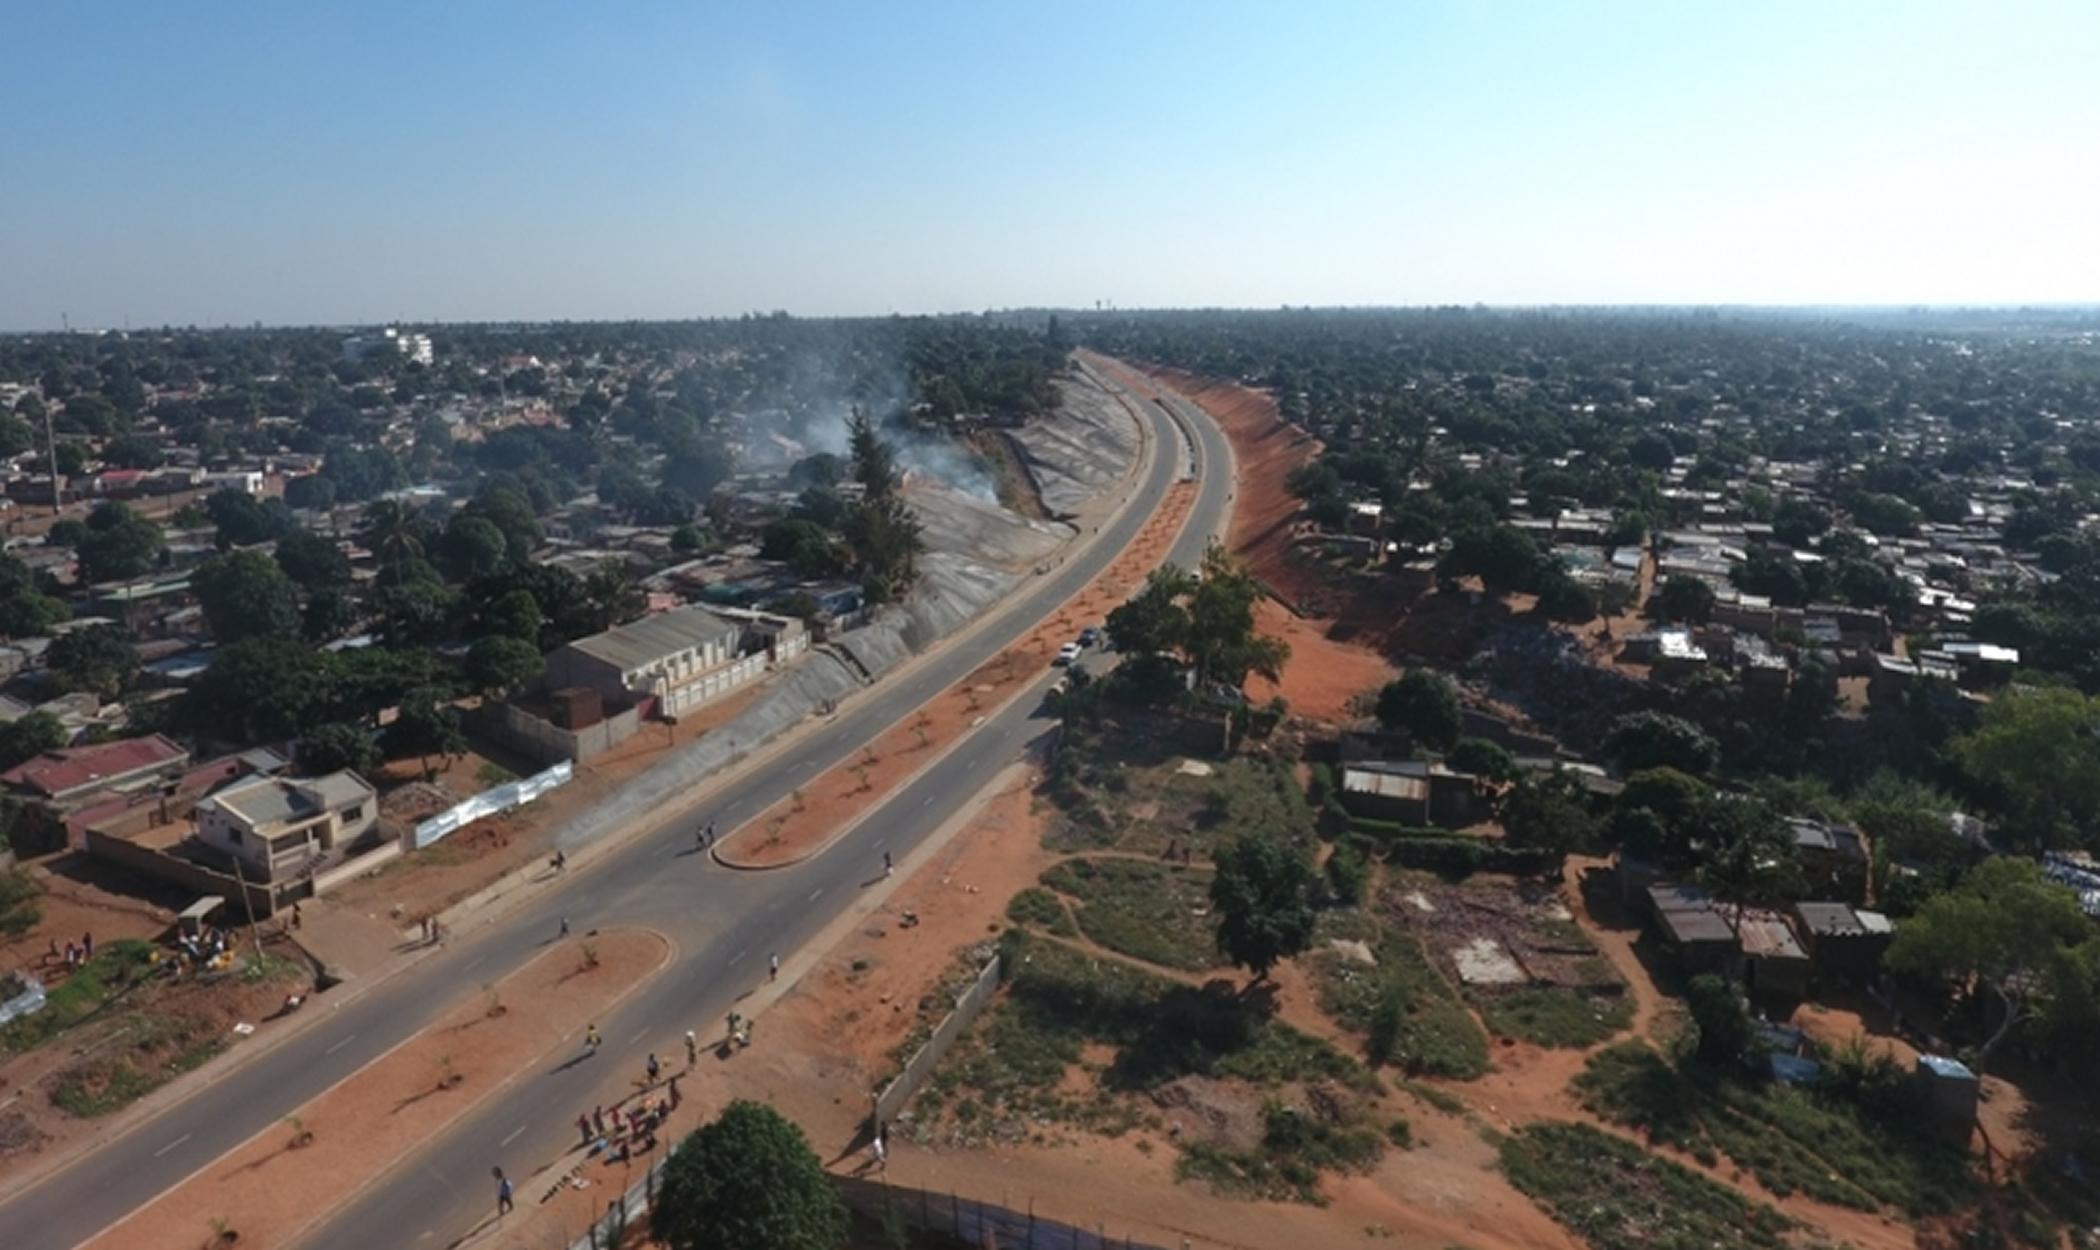 Reabilitação Urbana da Avenida Julius Nyerere